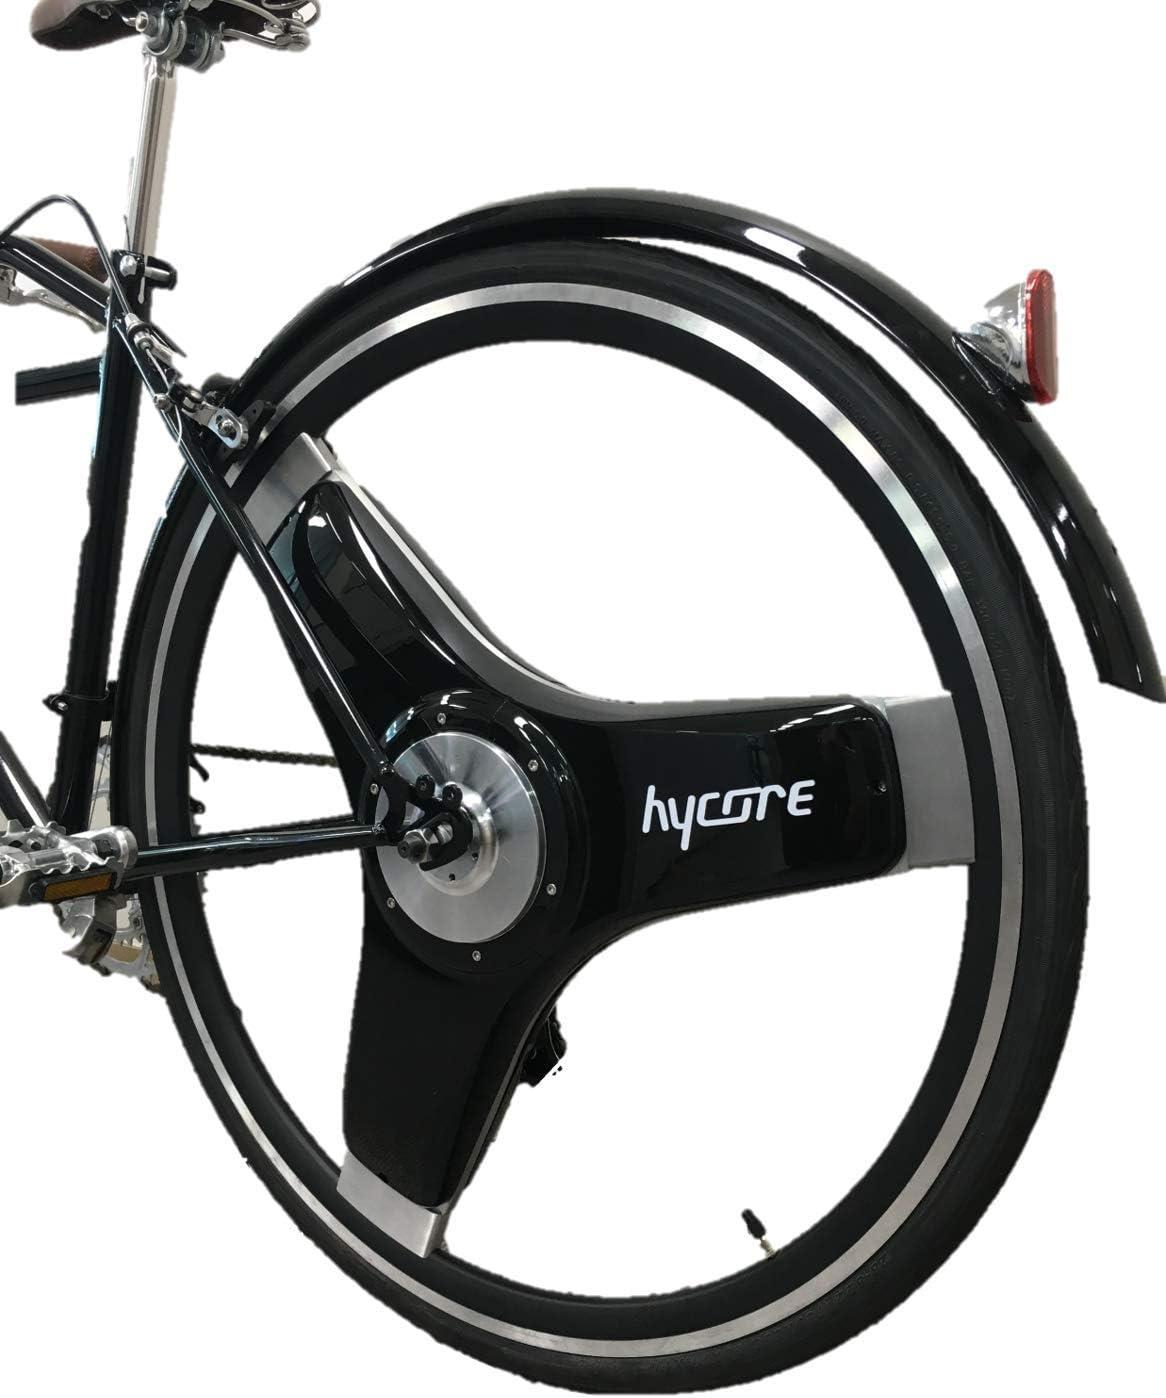 Hycore T1 - Kit de conversión de bicicleta eléctrica con interruptor de rueda en una bicicleta eléctrica, 27,5 pulgadas / 700 C, motores dobles, color Negro , tamaño 27.5, tamaño de rueda